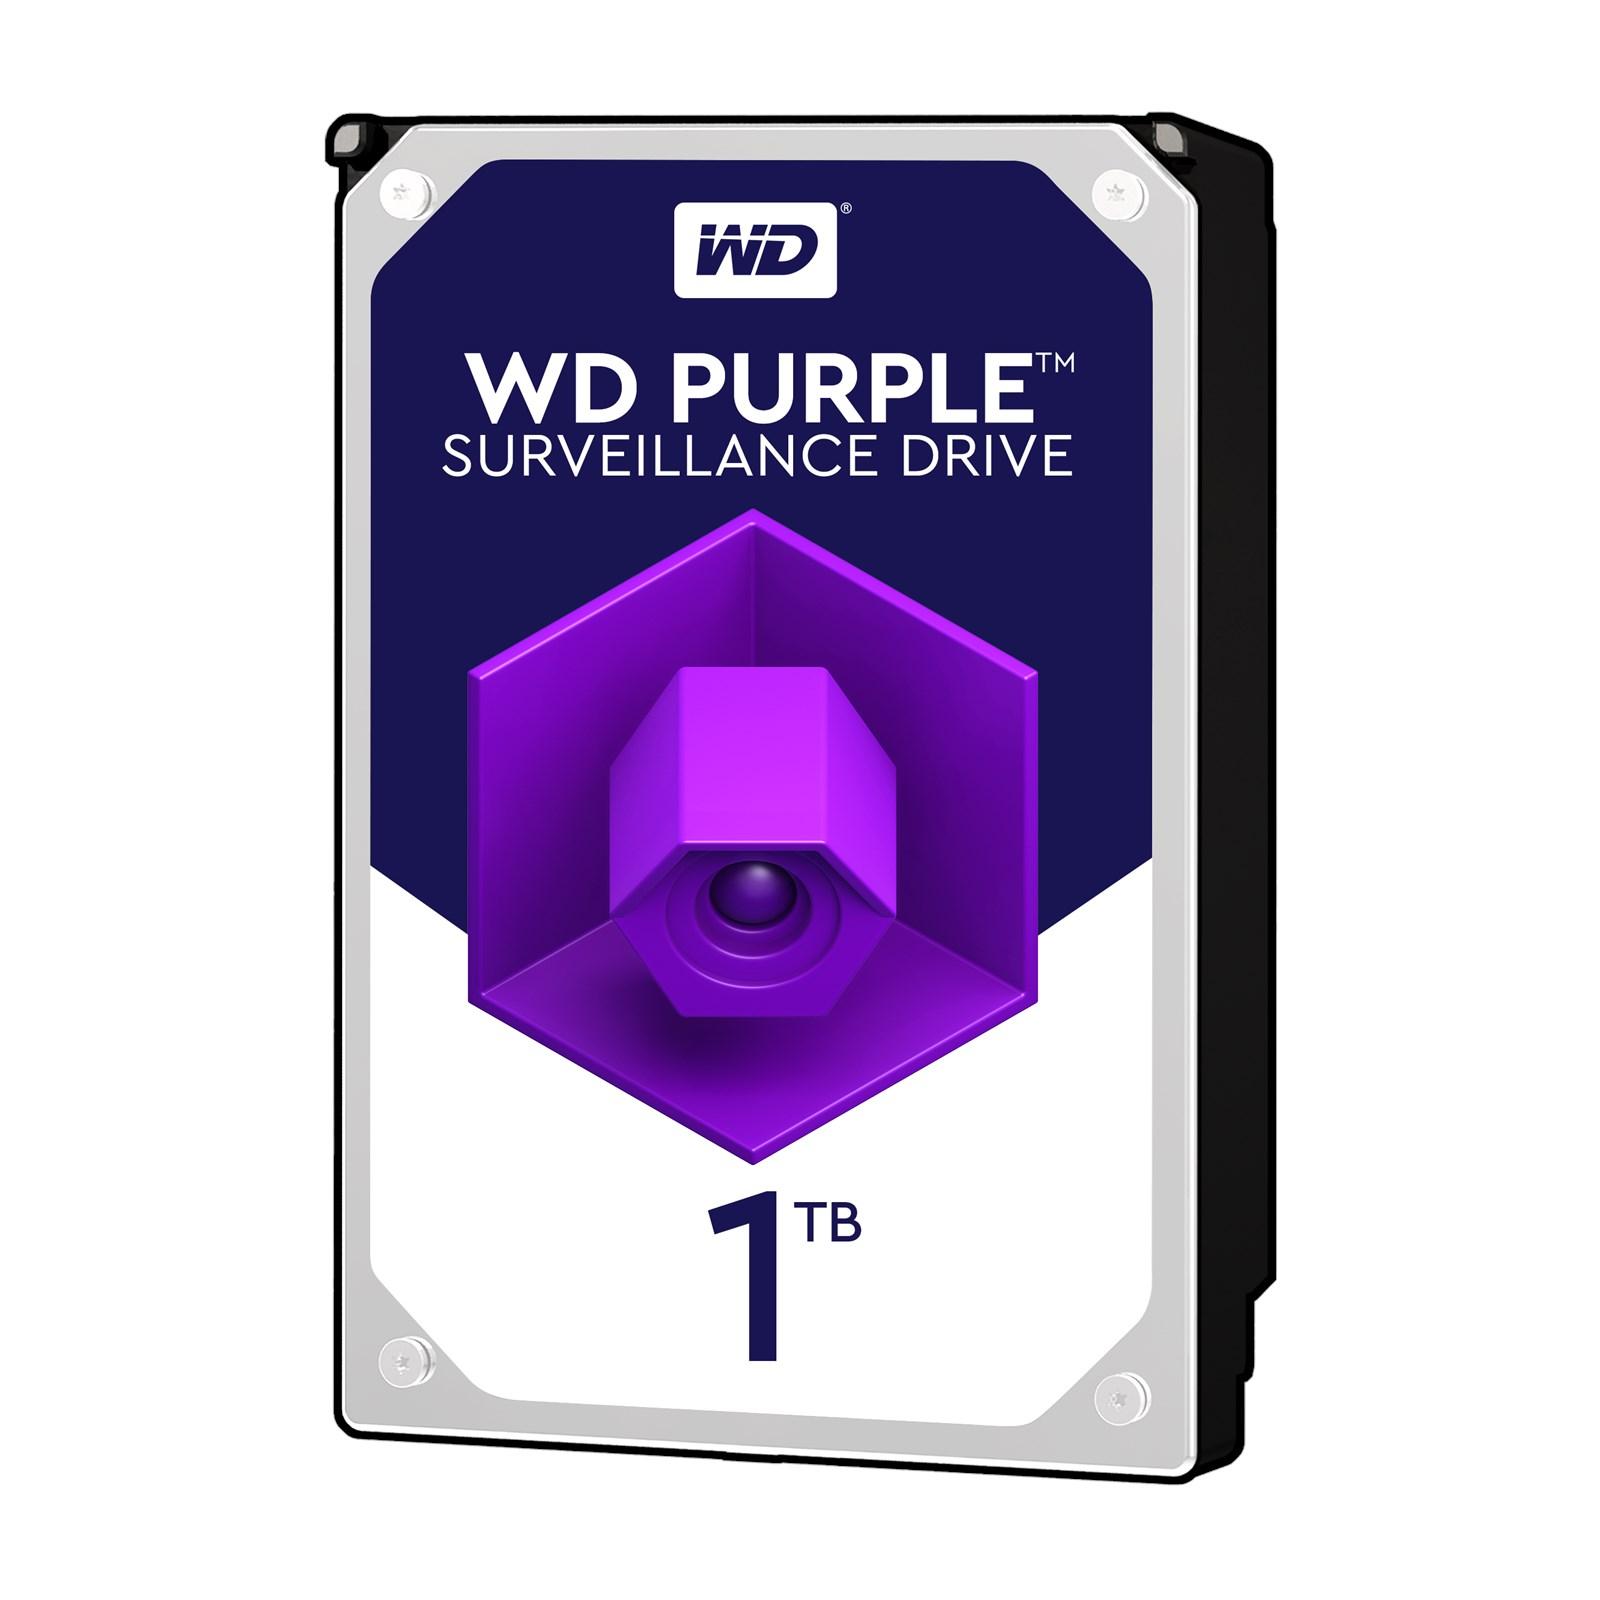 WD PURPLE 1TB 5400RPM 64MB SATA3 6Gbit/sn WD10PURZ 7/24 HDD